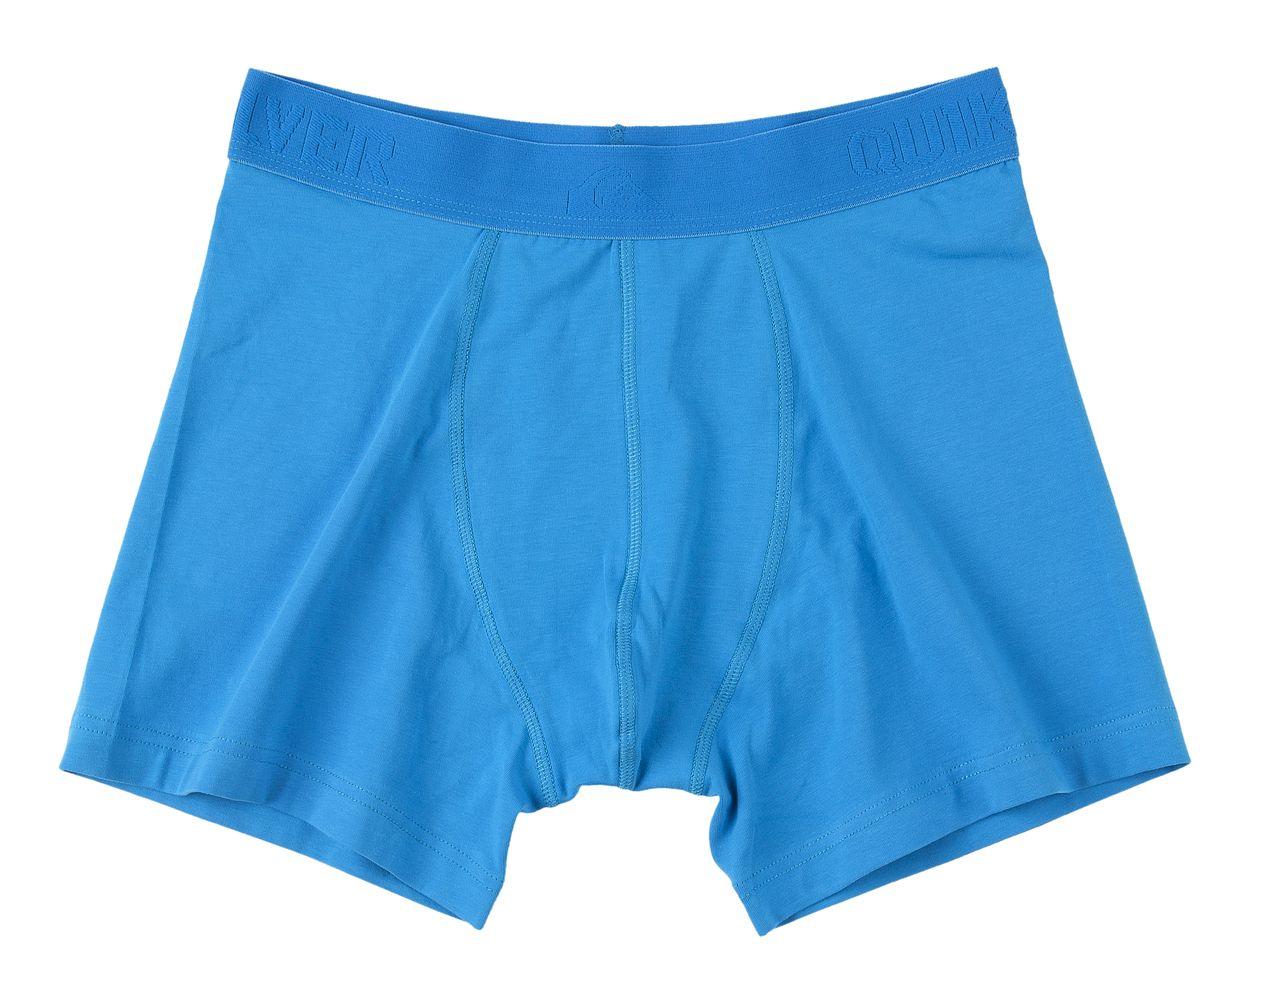 pánské spodní prádlo QUIKSILVER IMPOSTER A X3